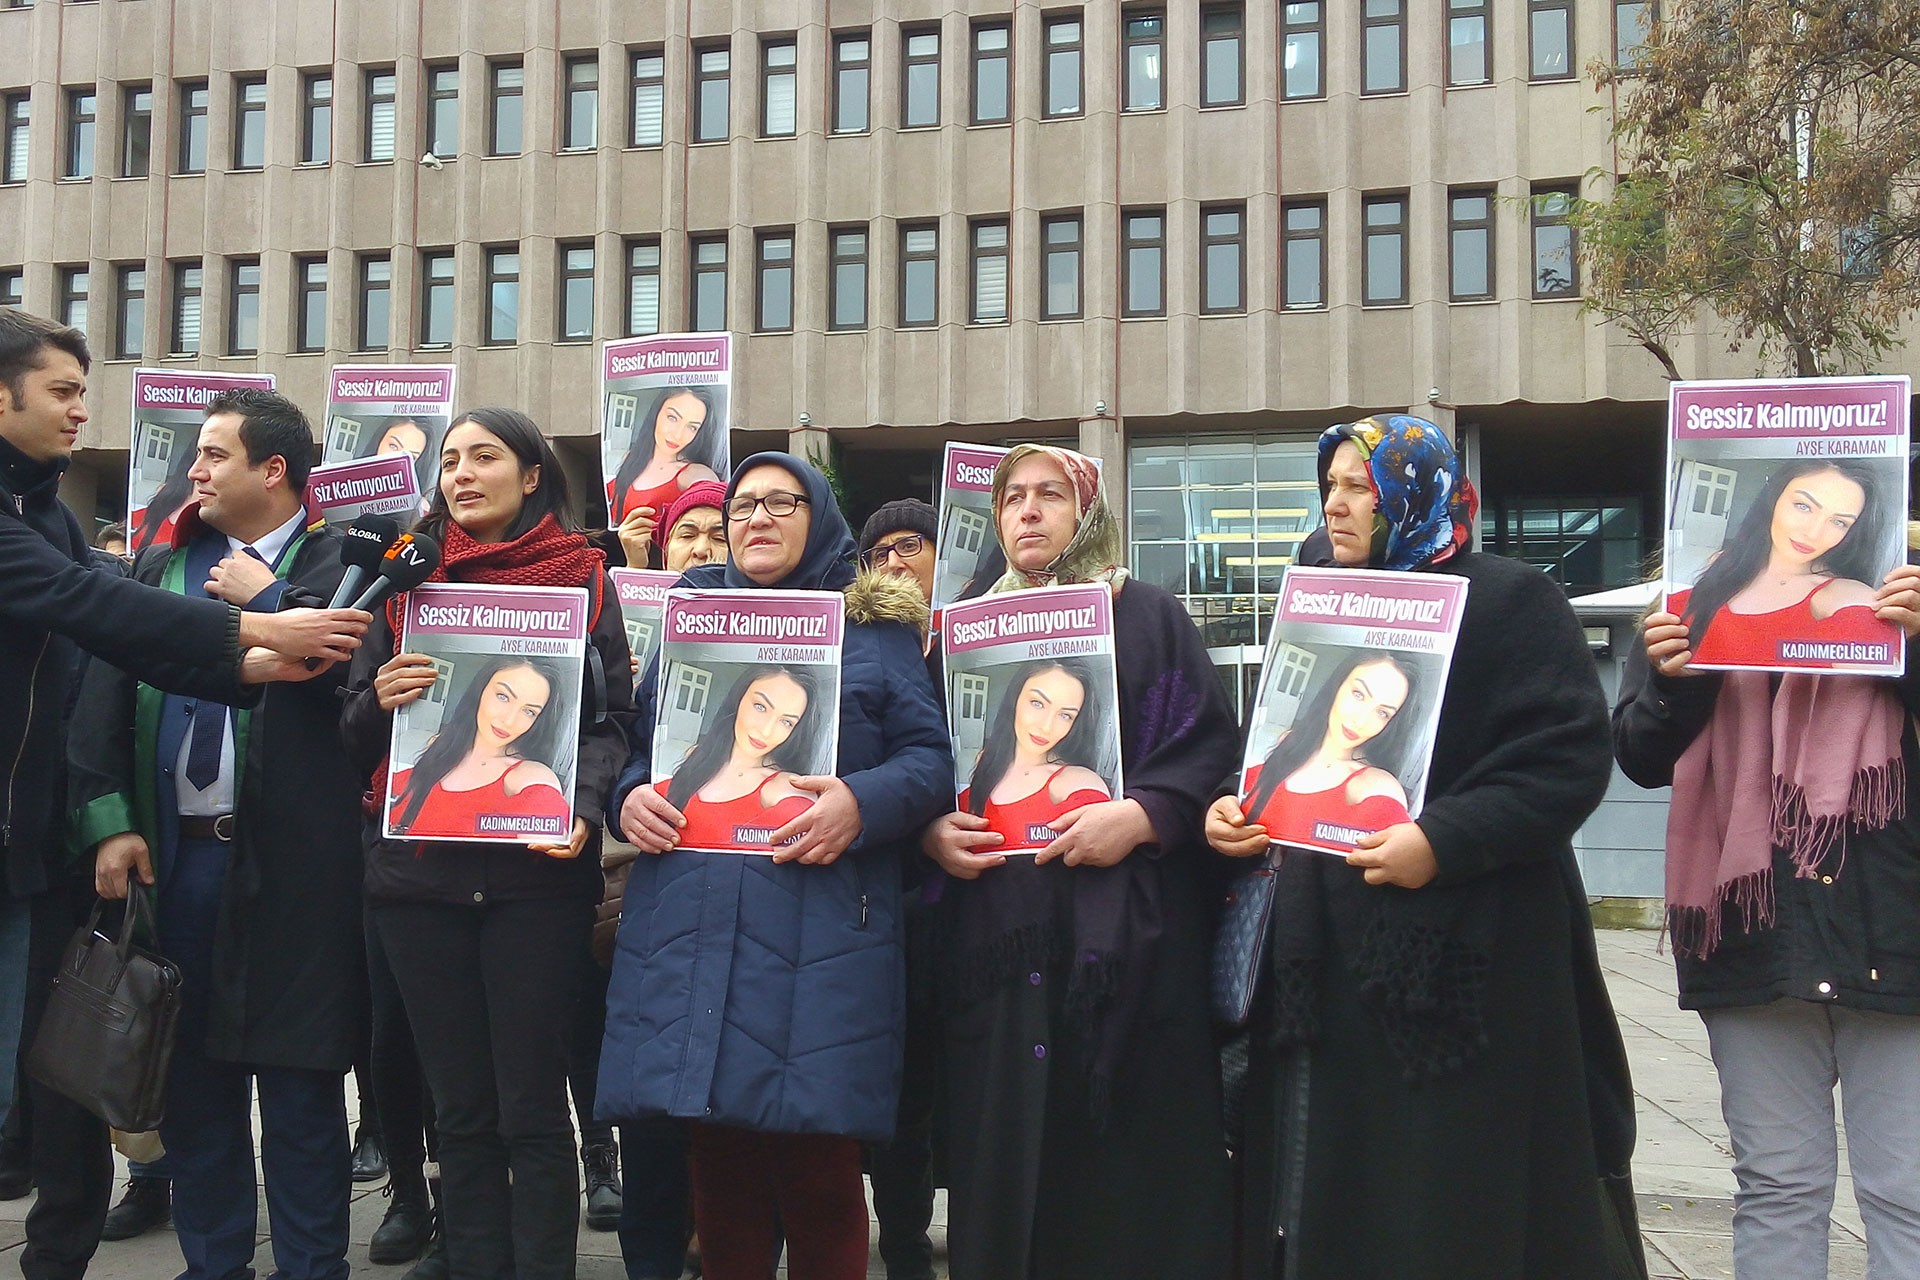 Ayşe Karaman'ın davası sonrası yapılan basın açıklaması